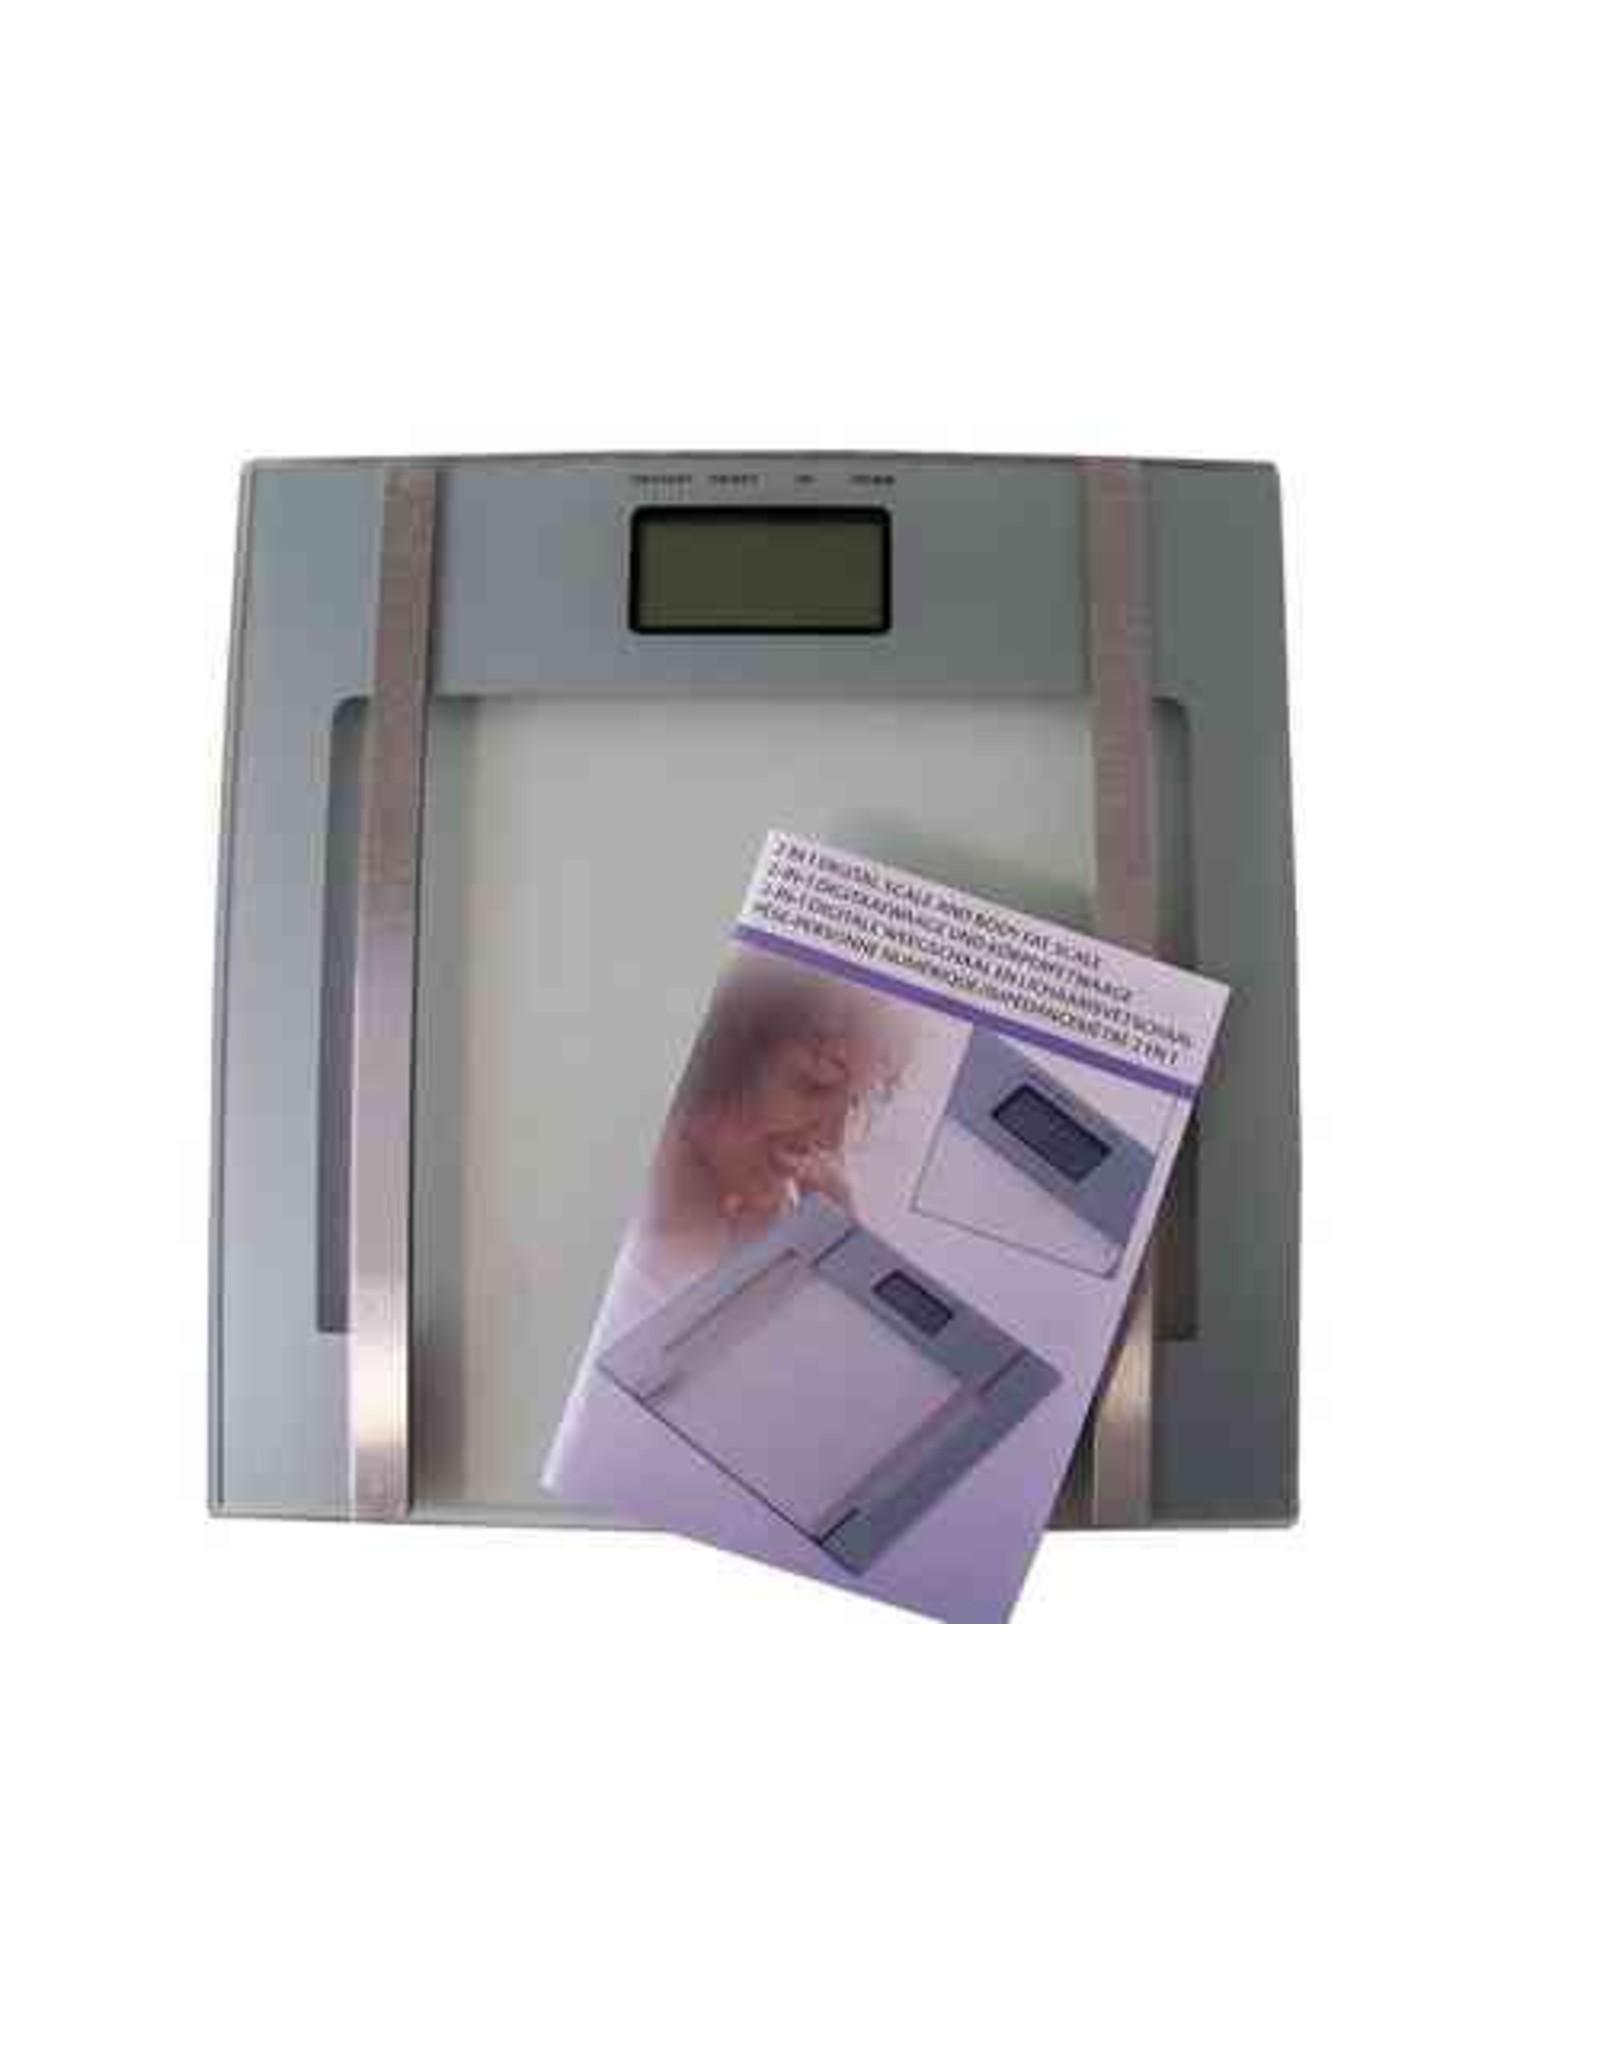 Digitale weegschaal en lichaamsvet schaal 2 in 1 - Body & Soap